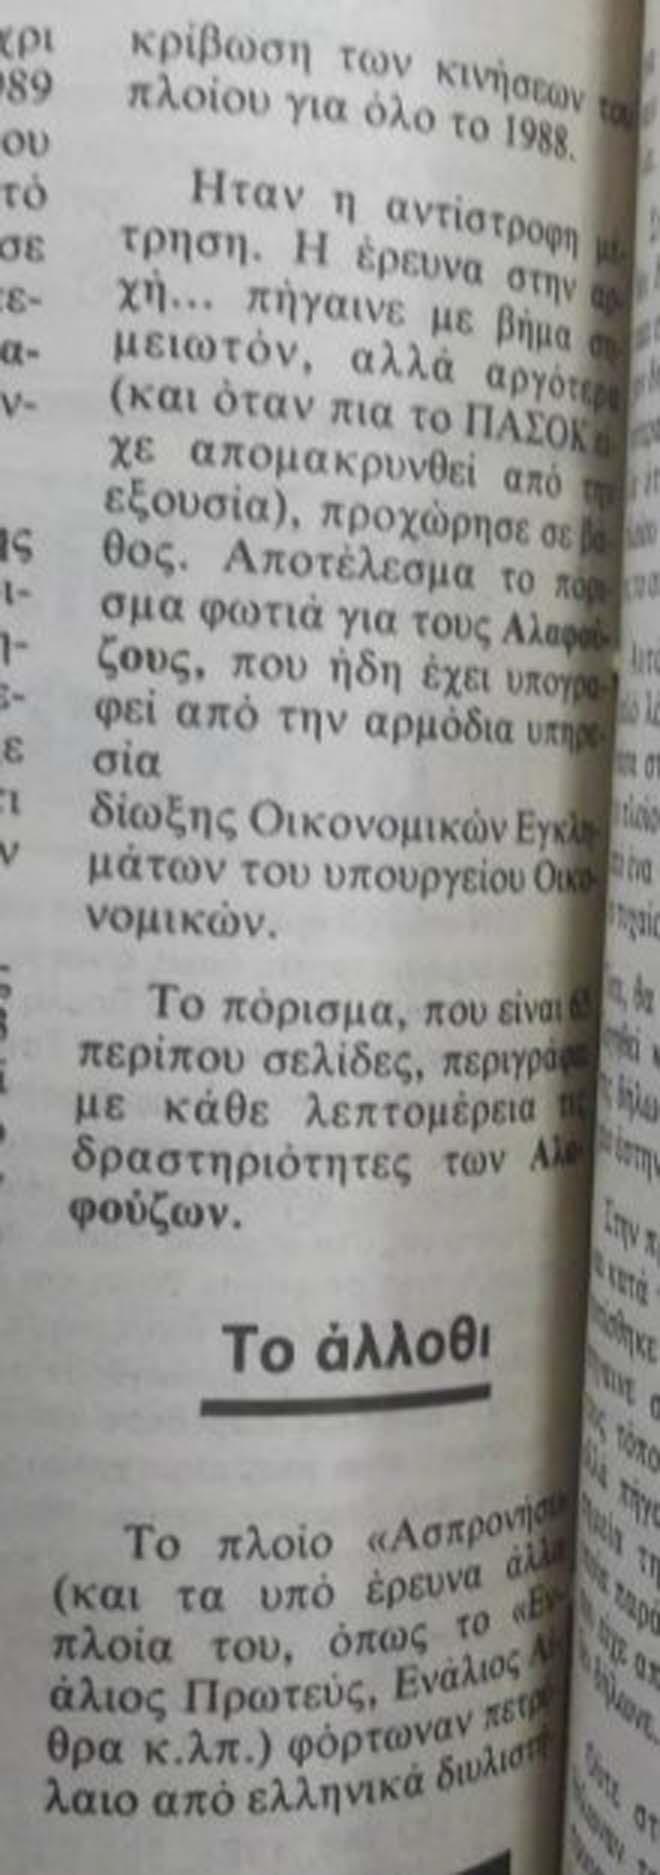 Βρὲ Ζωή... Τί ἀκριβῶς ἔχεις μέ τόν ΣΚΑΙ;12